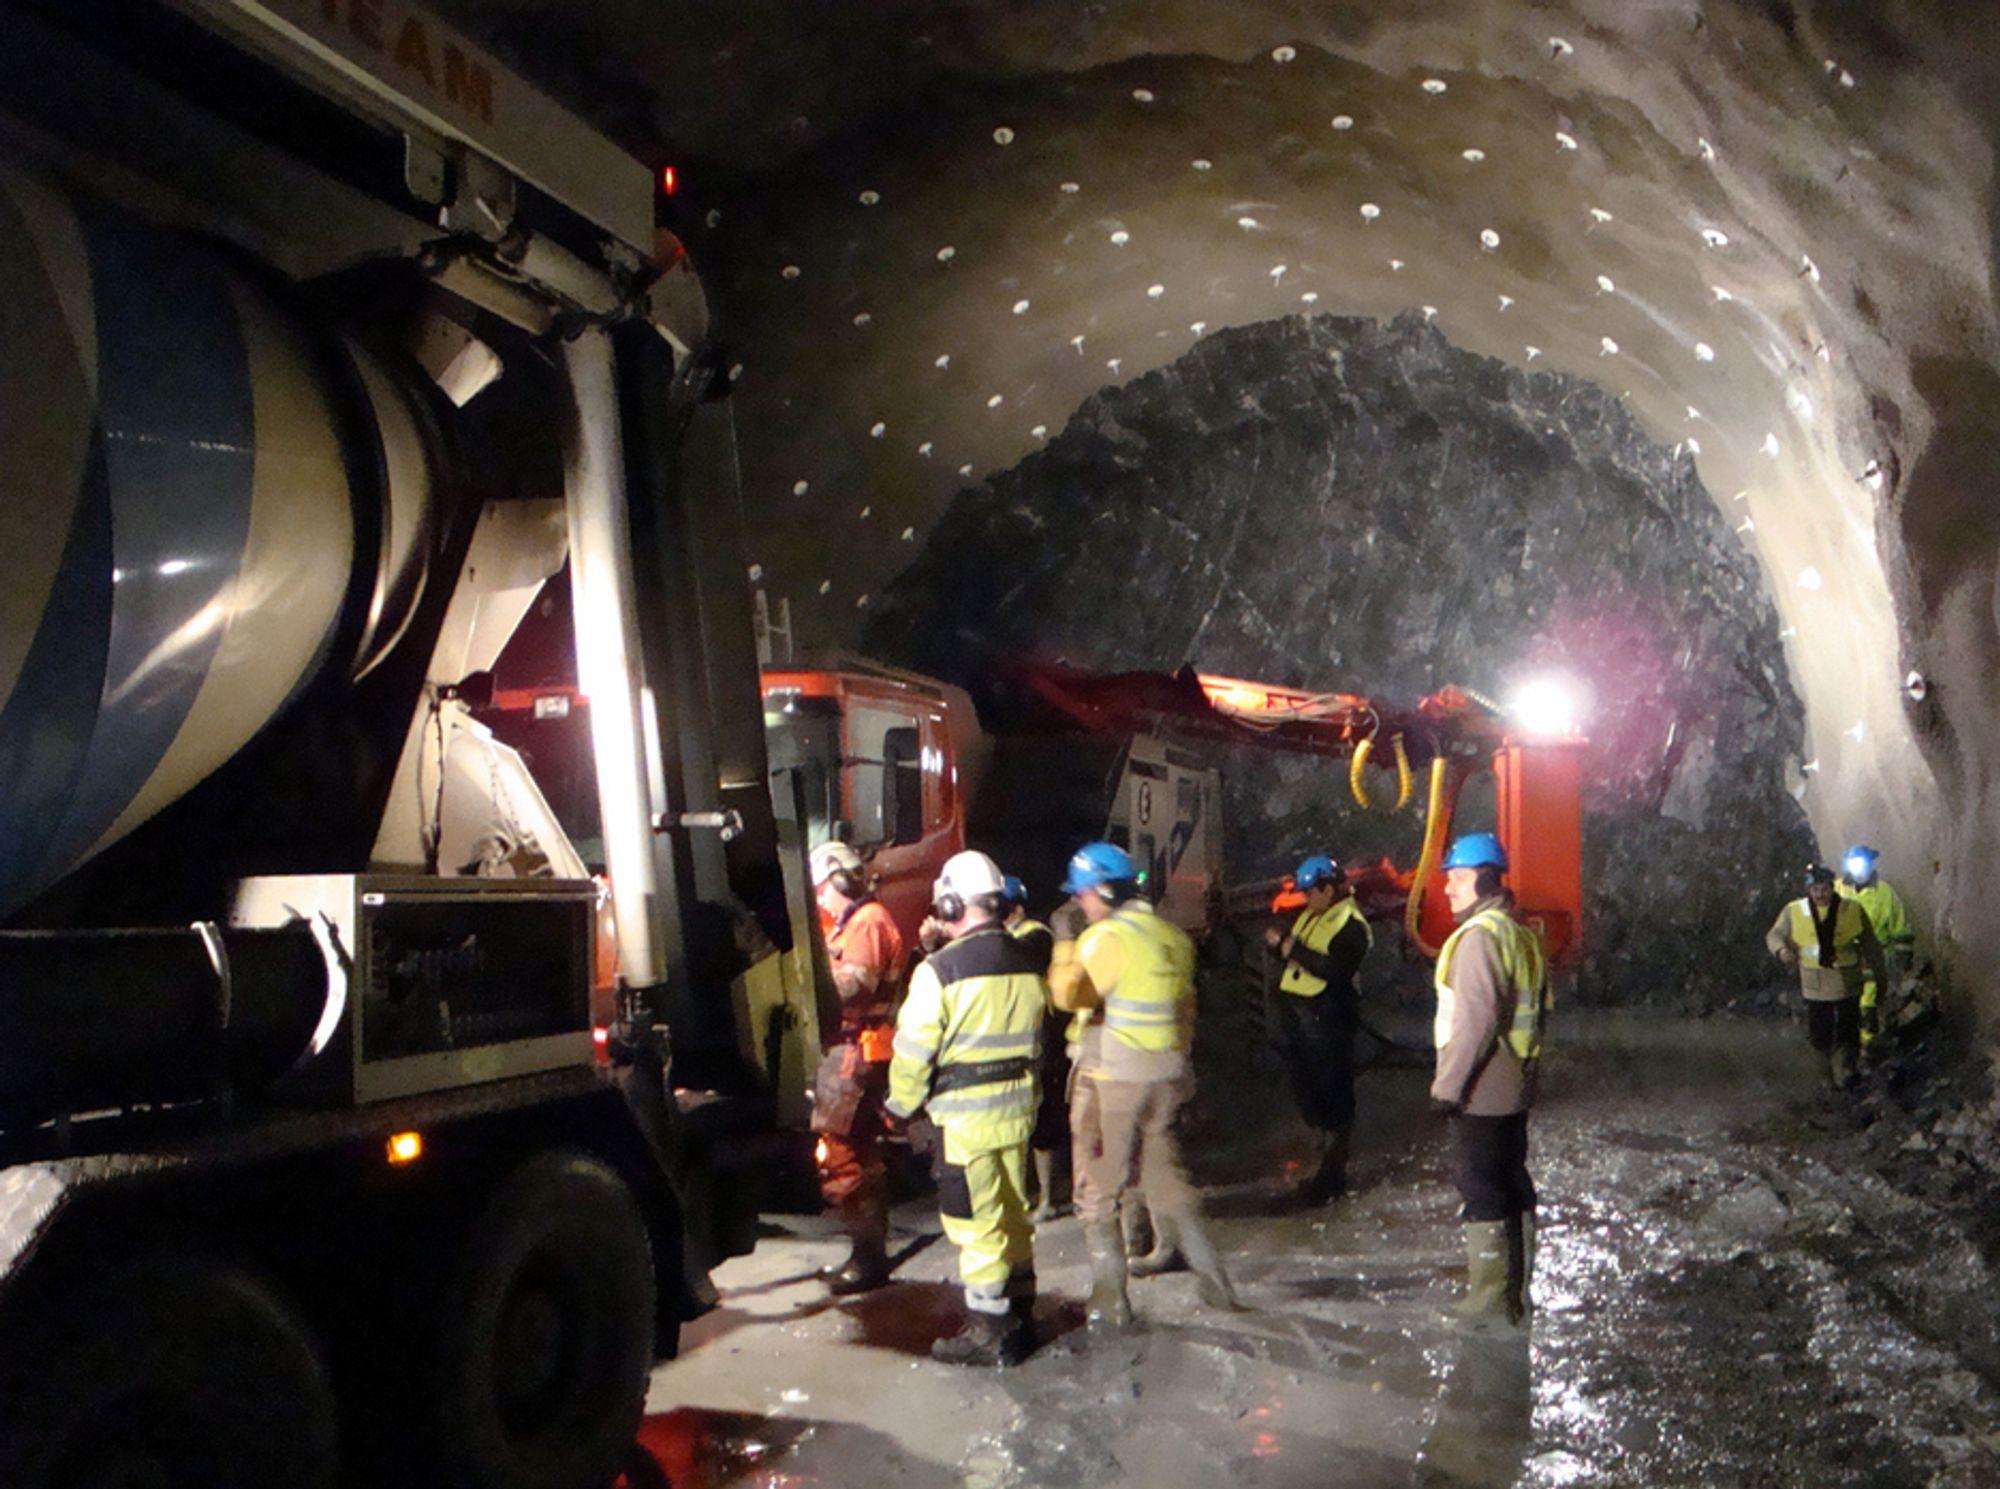 GODT EKSEMPEL: Her forbereder man for sprøyting av første lag med fiberarmert sprøytebetong S(fr) ved stuffen i Bærumstunnelen. Her brukes AMV sprøyterobot (en norskutviklet og fremragende høyteknologisk robot som er uten sidestykke i verden). Et siste lag med S(fr) for blant annet å dekke til alle boltehoder er alt som mangler av en ferdig tunnel, fordi man har løst vannproblemer med forholdsvis kostbar (i NMT-sammenheng) forinjisering. NMT ¿single-shell¿-bruk av CT-bolter og S(fr), etter forinjisering, resulterer i en tunnel som er sikrere enn Mellom-Europeiske (les sveitiske) tunneller, og mindre enn 1/5-del av prisen, tross forinjisering.